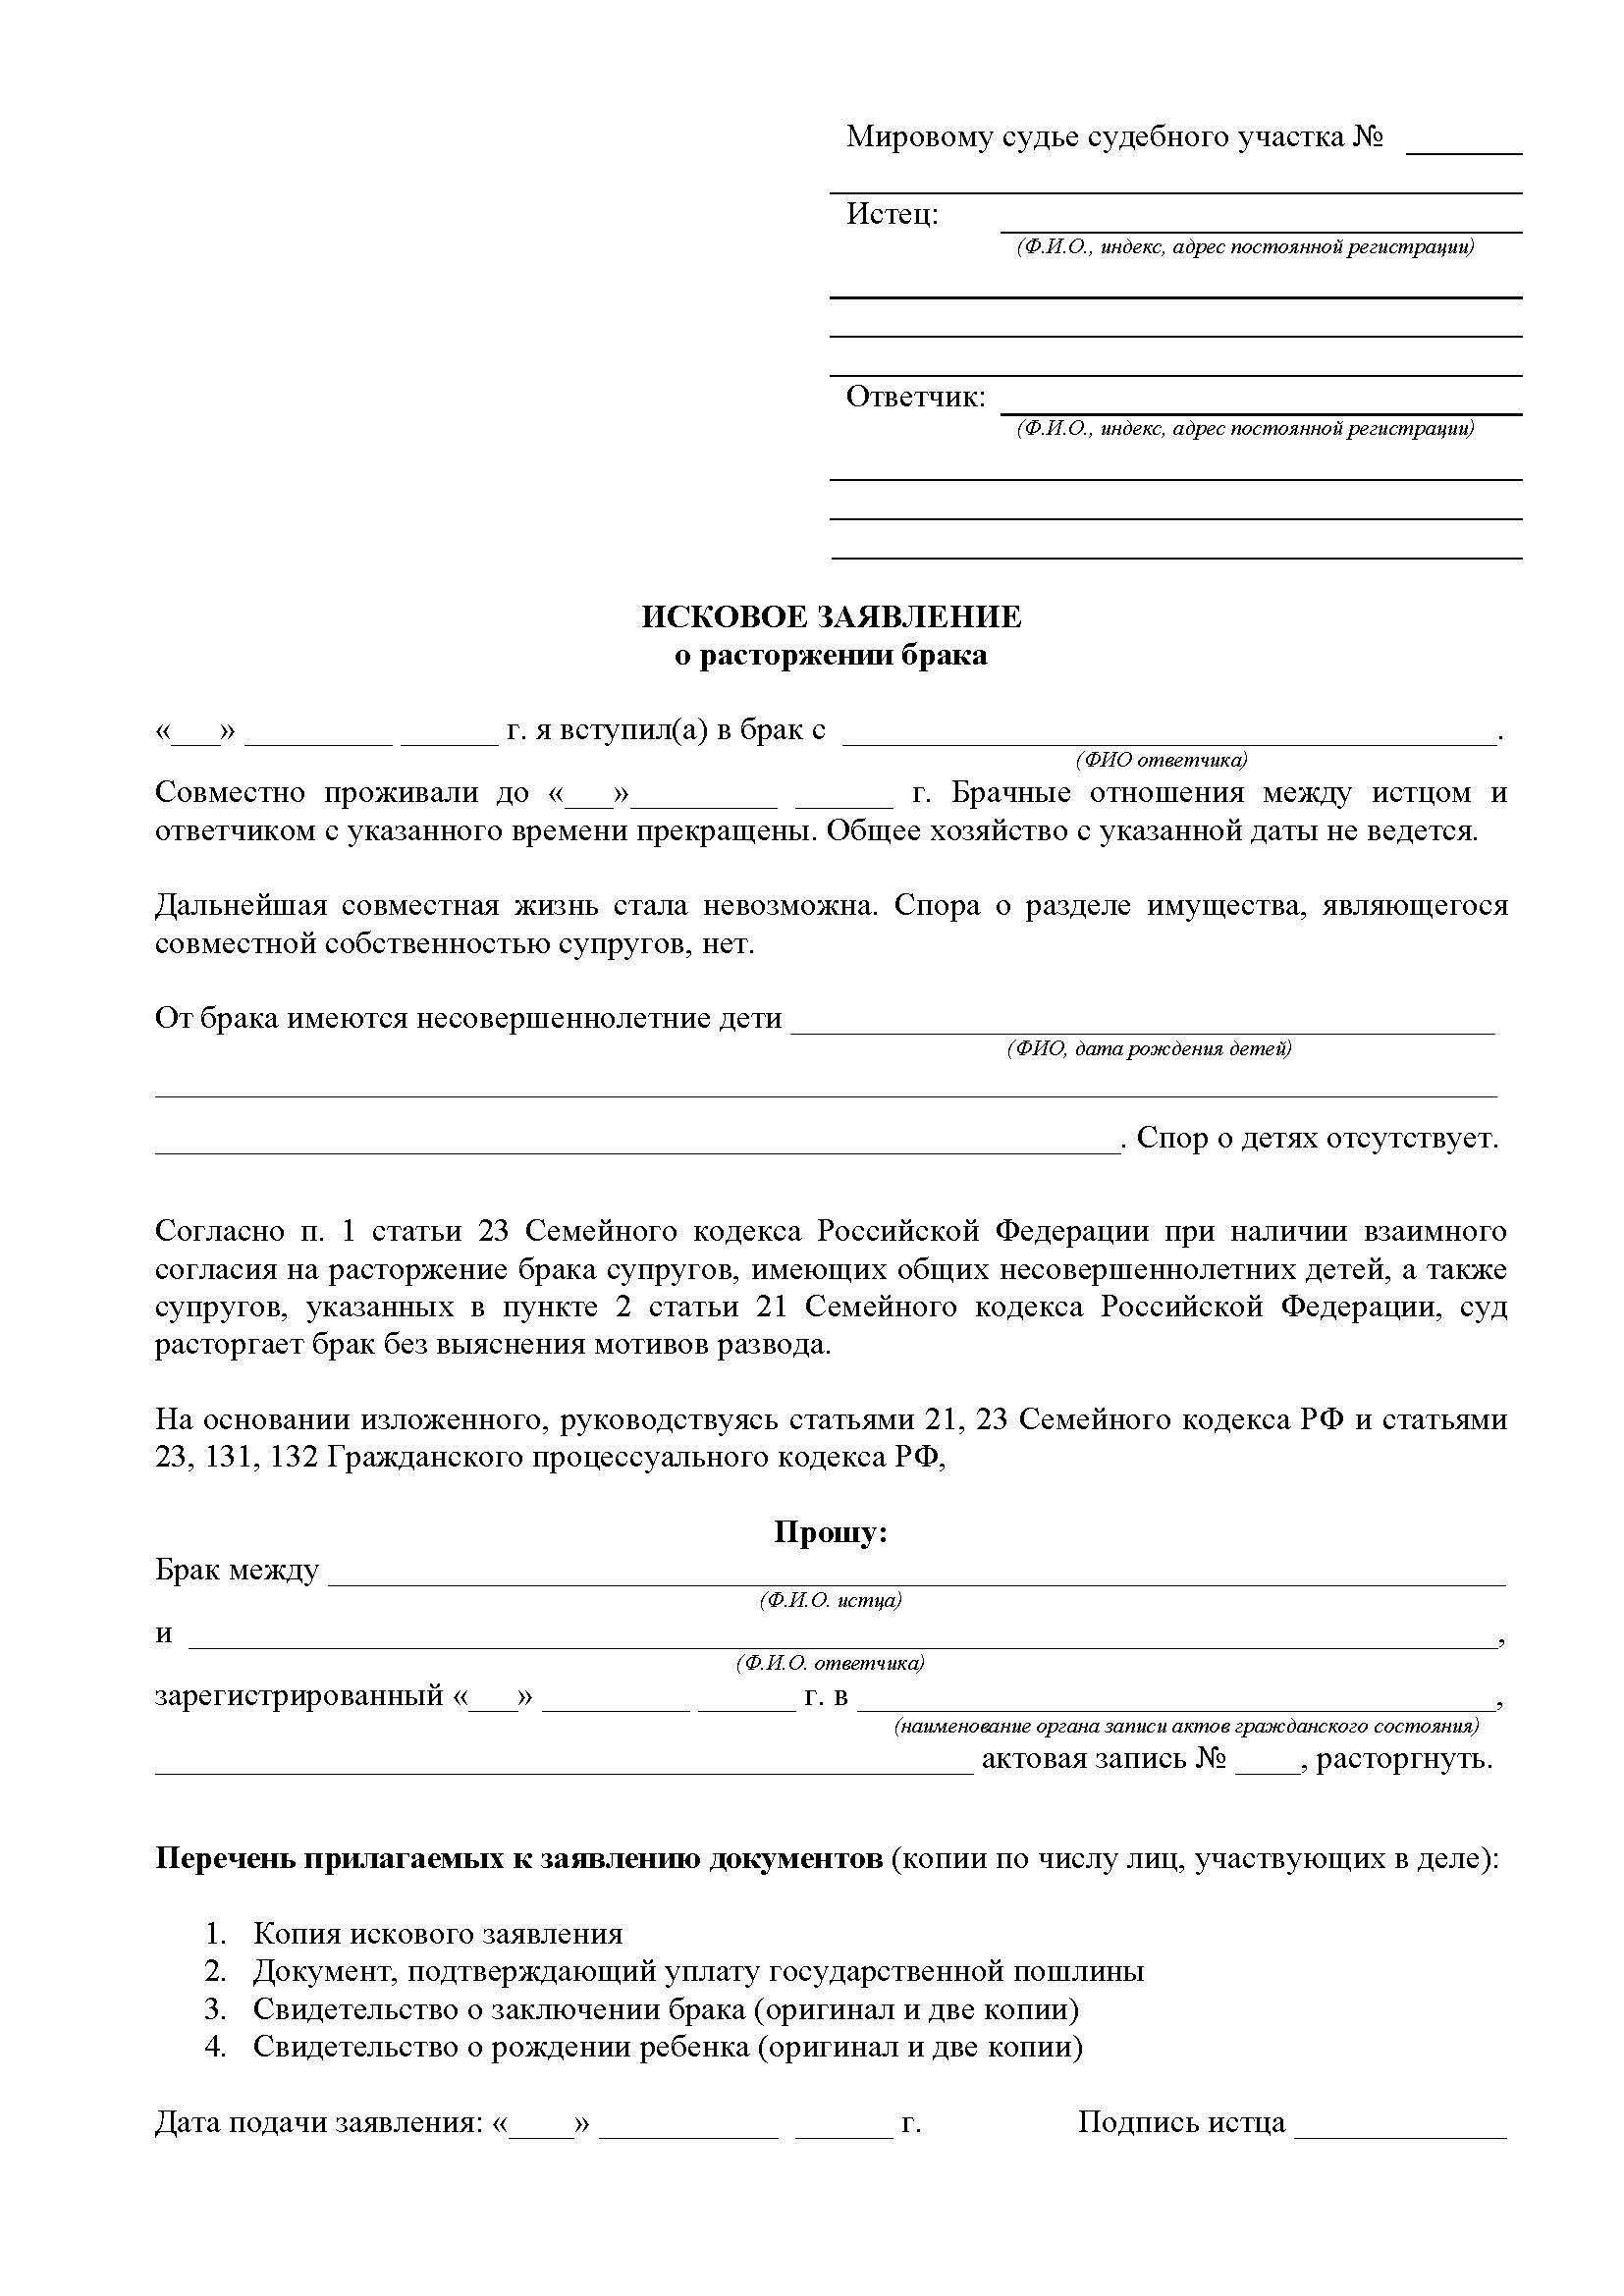 Текст заявления на замену труб водоснабжения